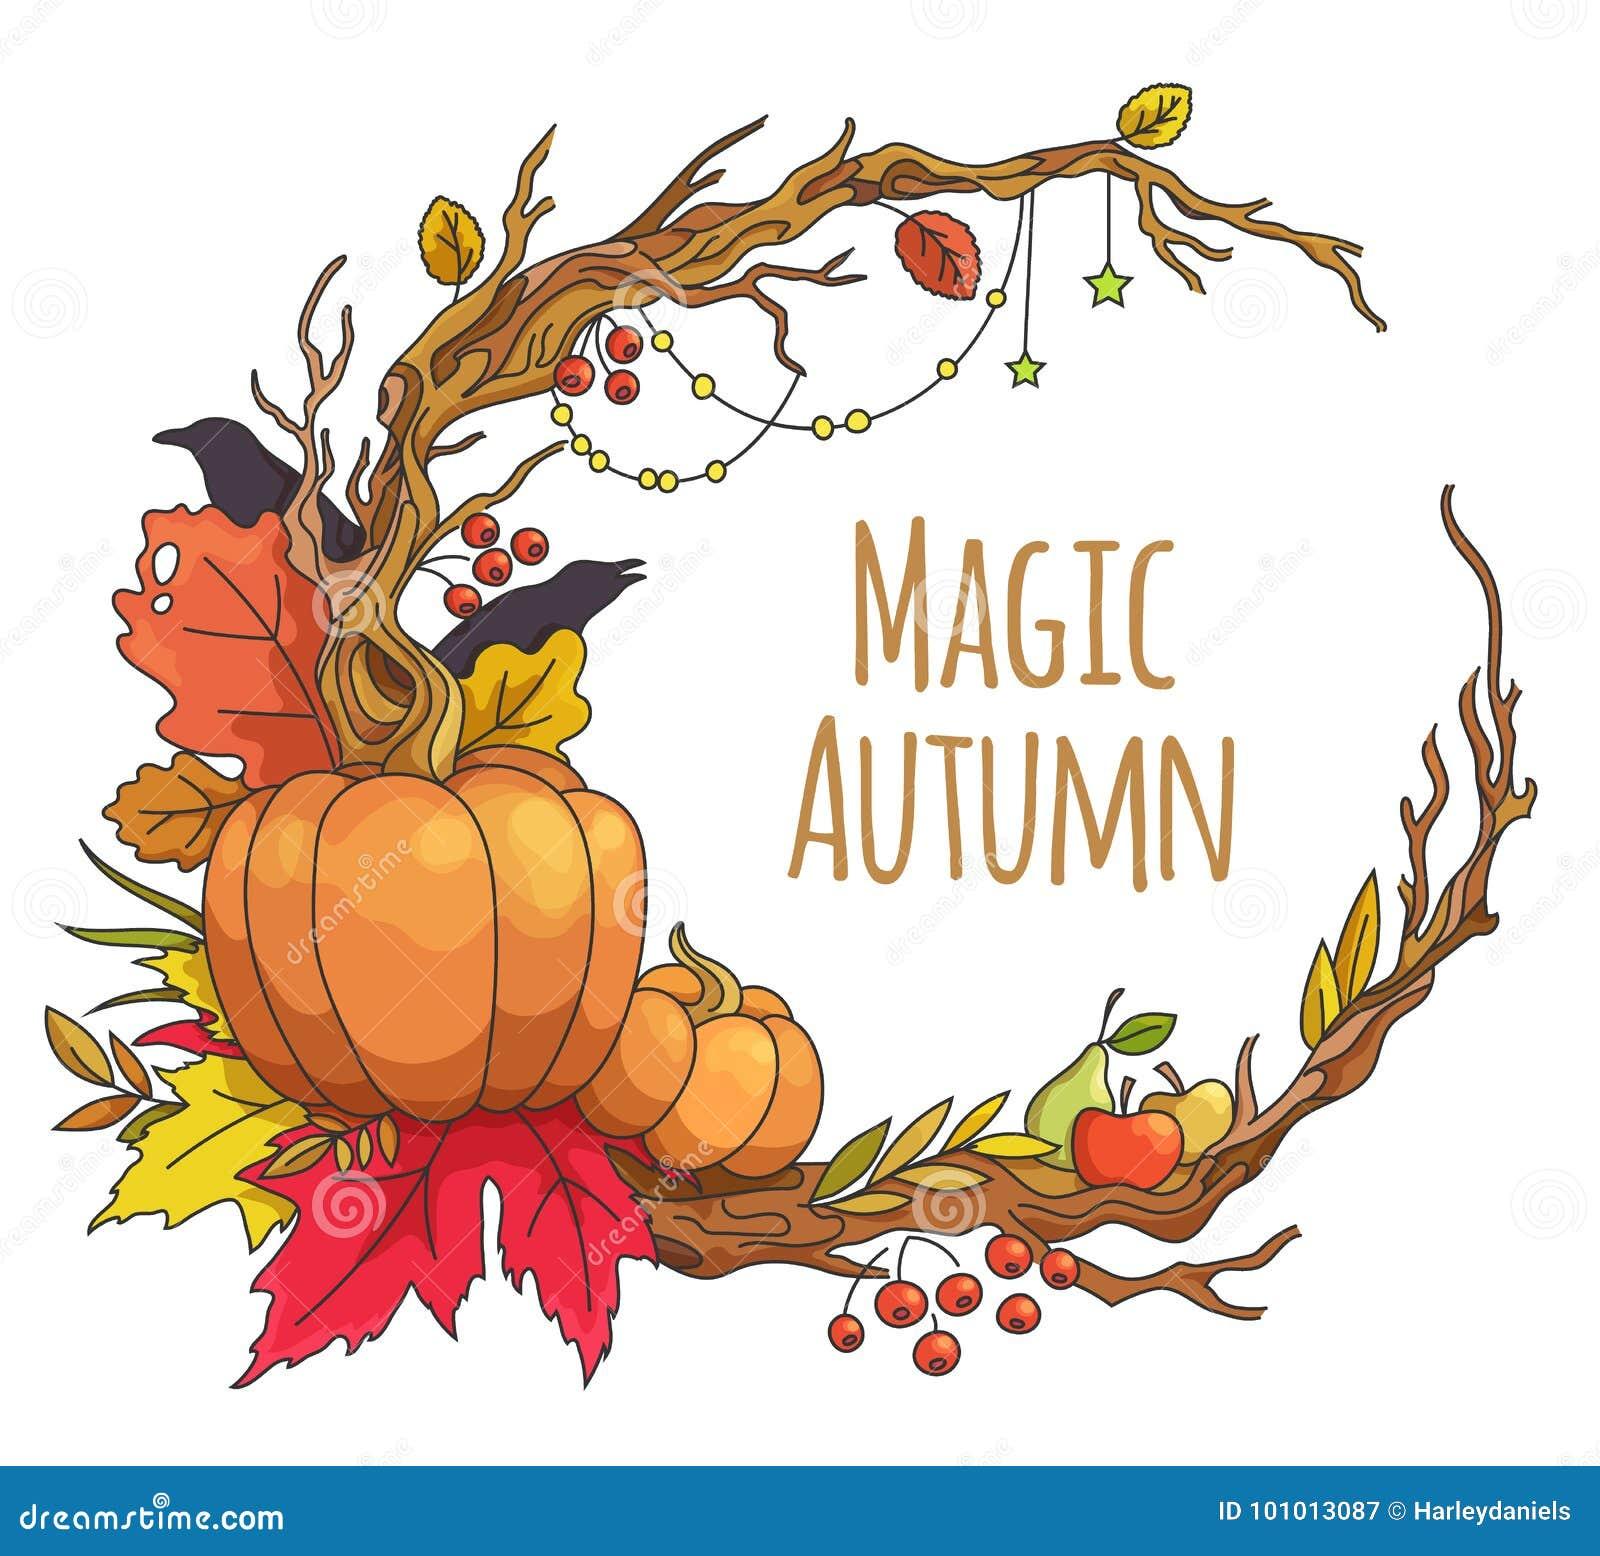 Magic autumn frame stock illustration. Illustration of cartoon ...